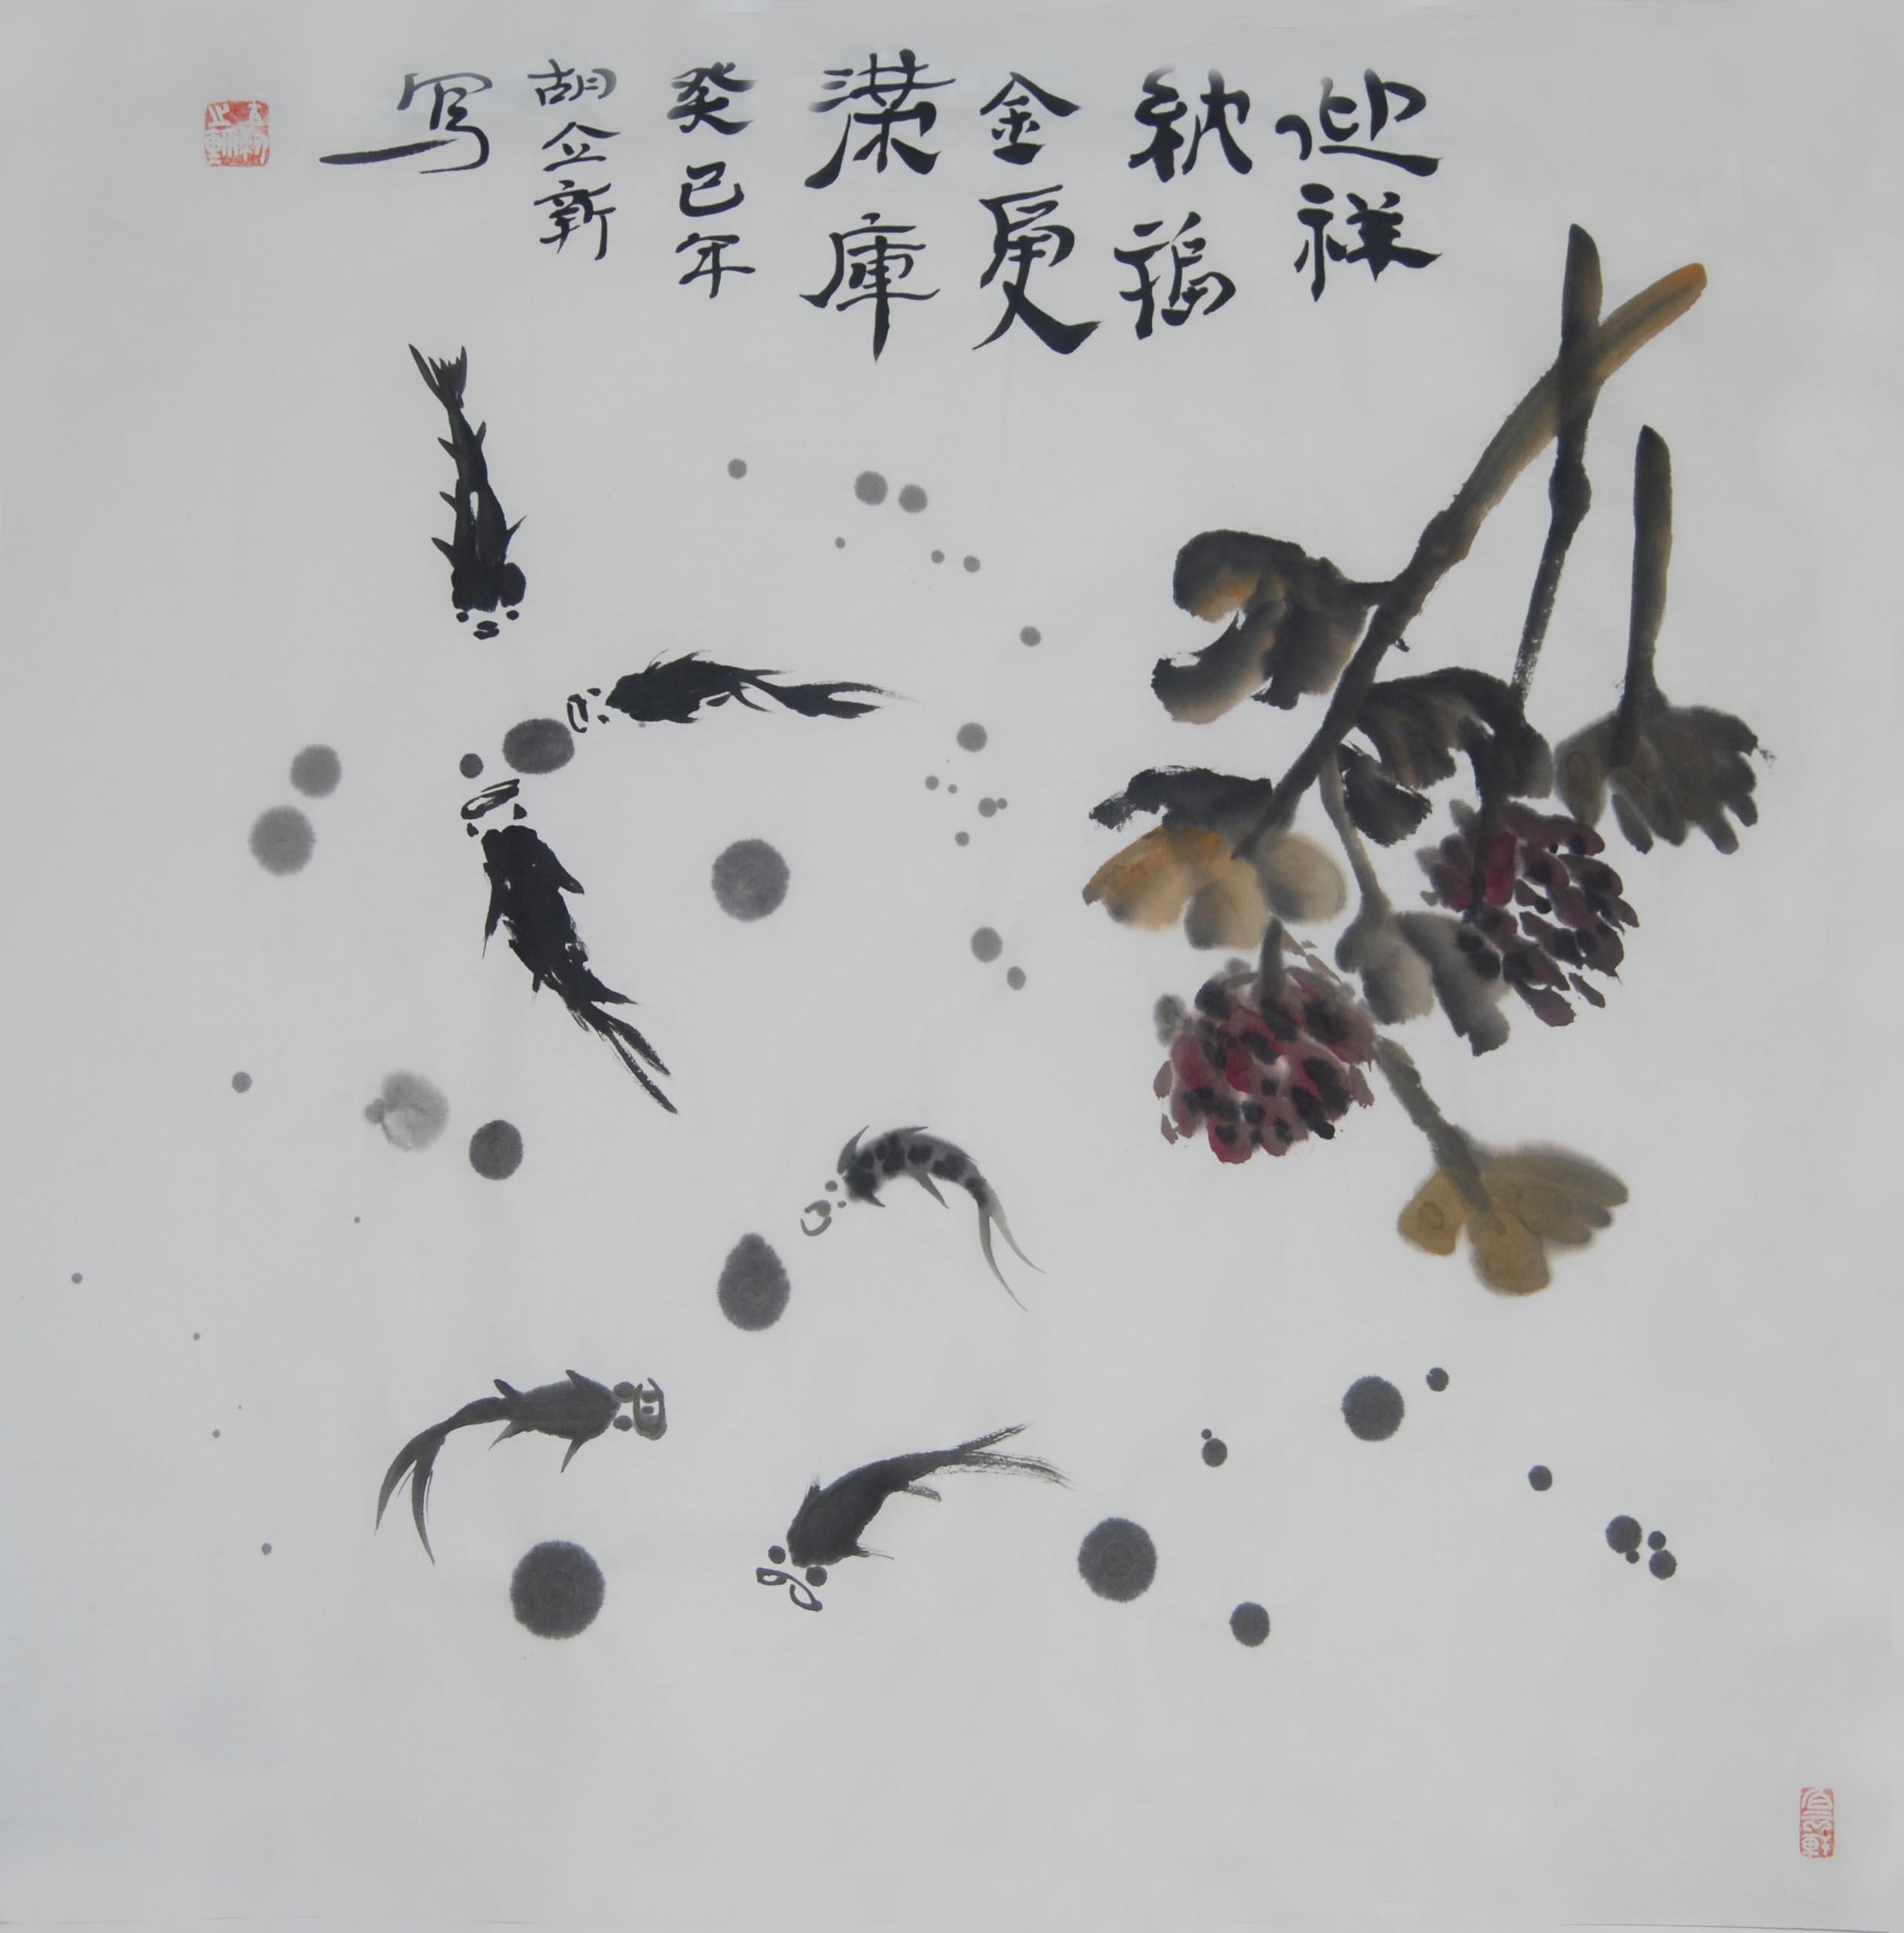 胡立新居士水墨写意画——迎祥纳福 金鱼满库